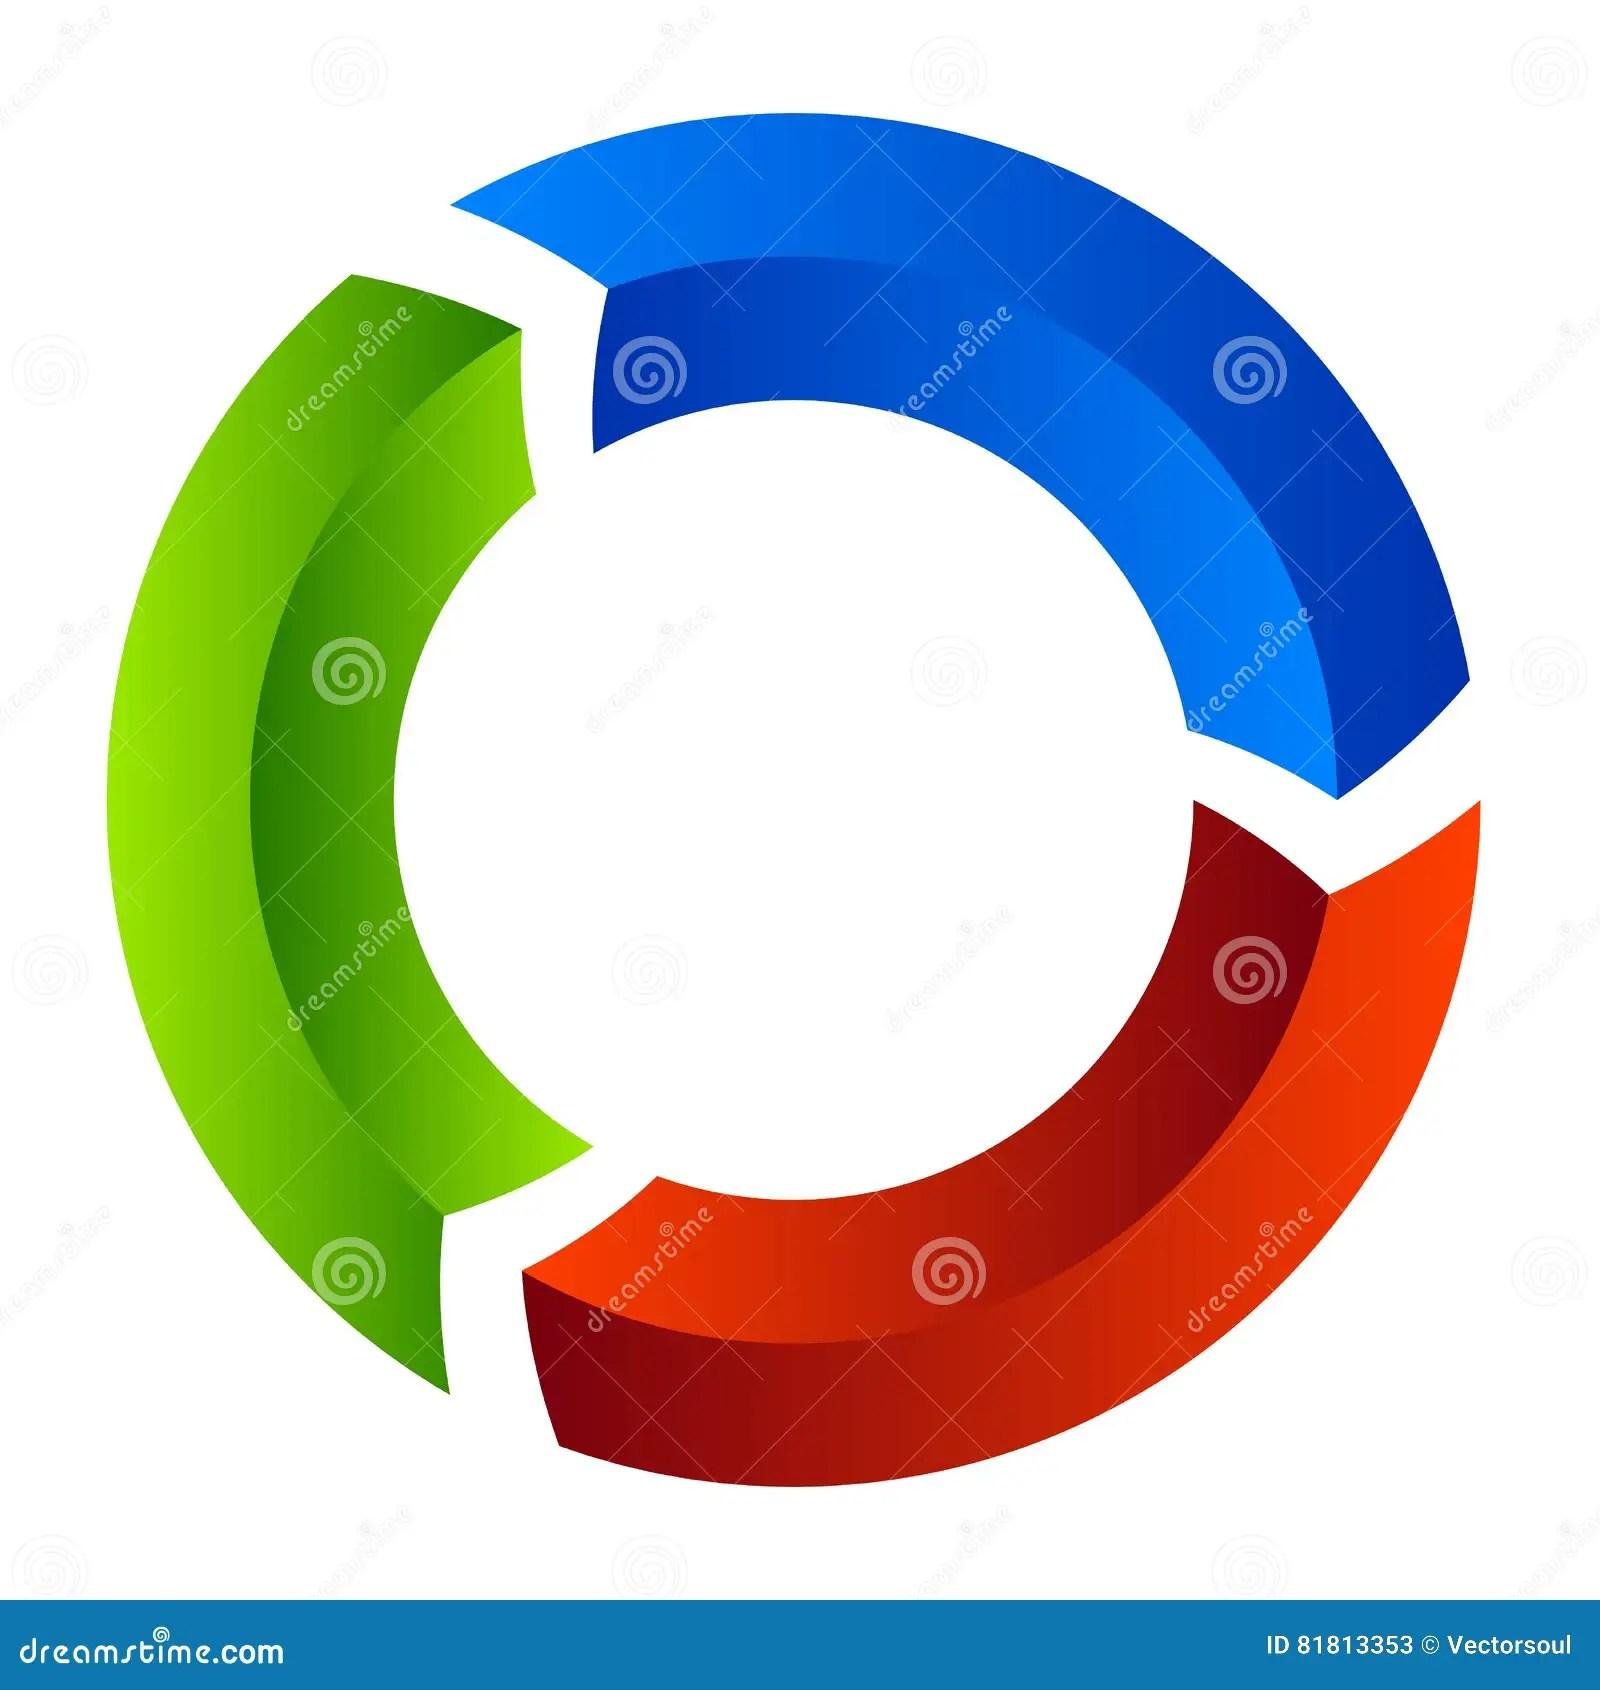 arrow circular process diagram how to solve venn segmented circle icon